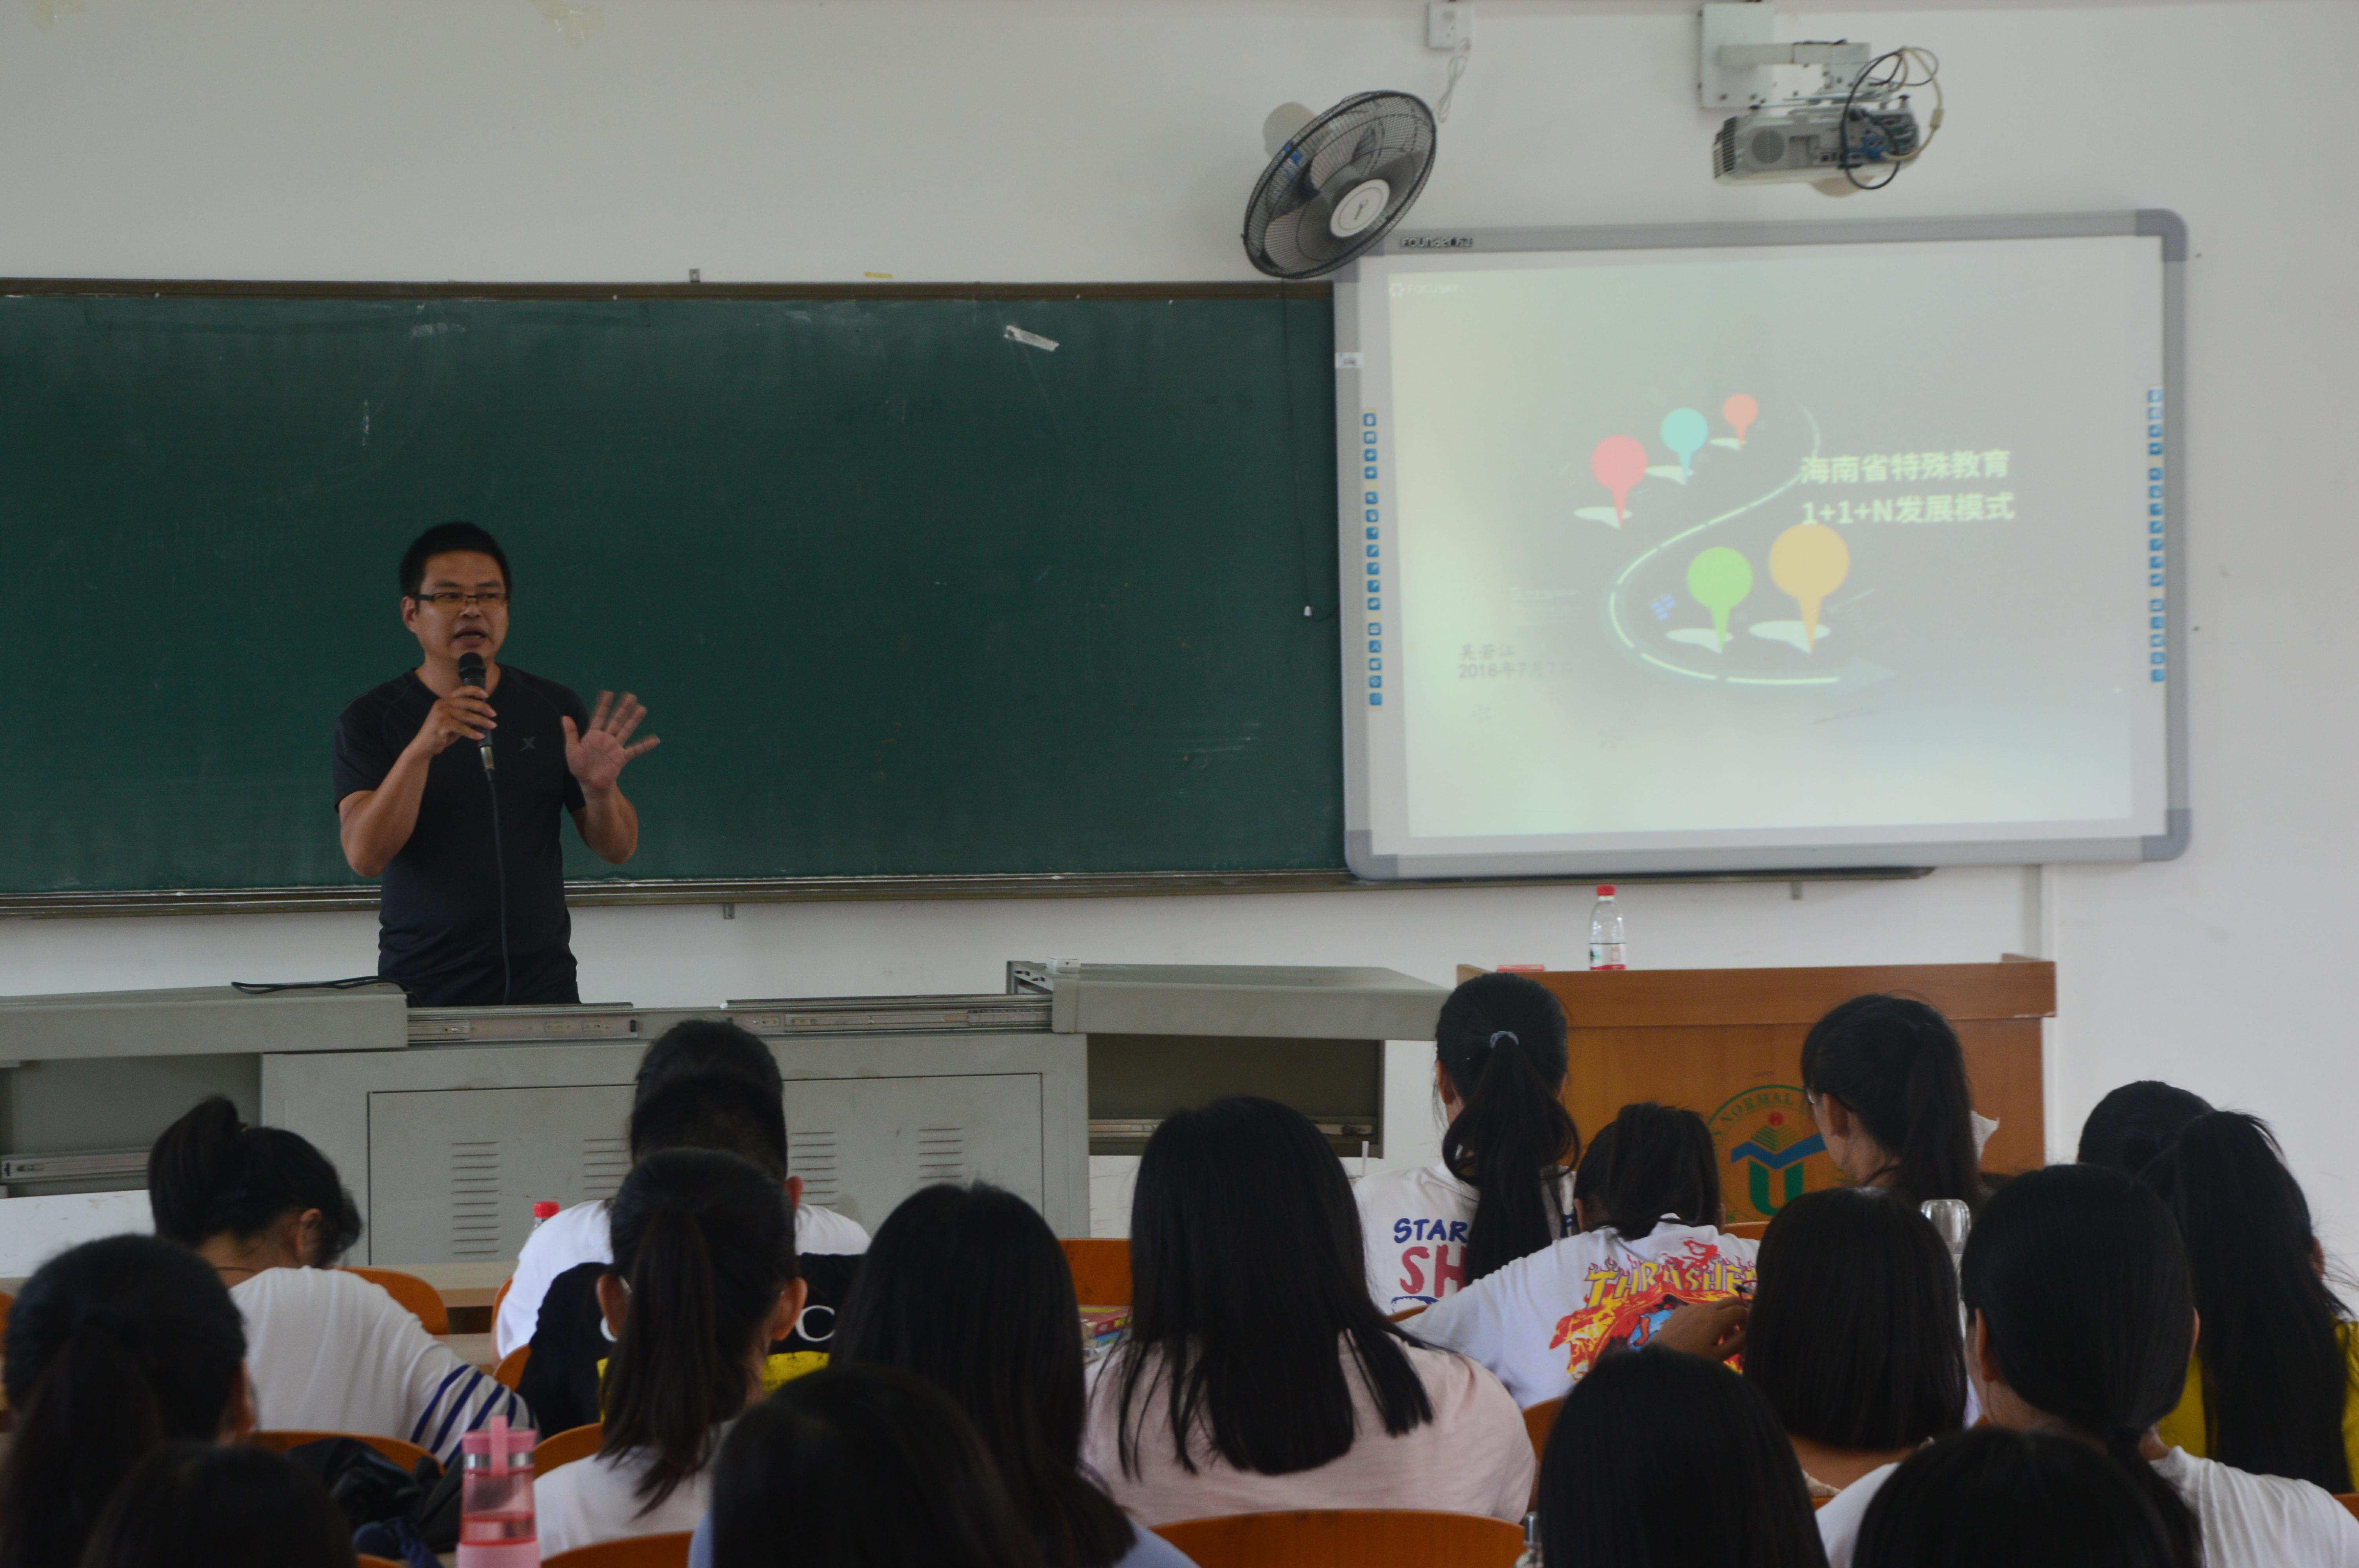 教育与心理学院创新创业专题讲座:海南省特殊教育1+1+N发展模式